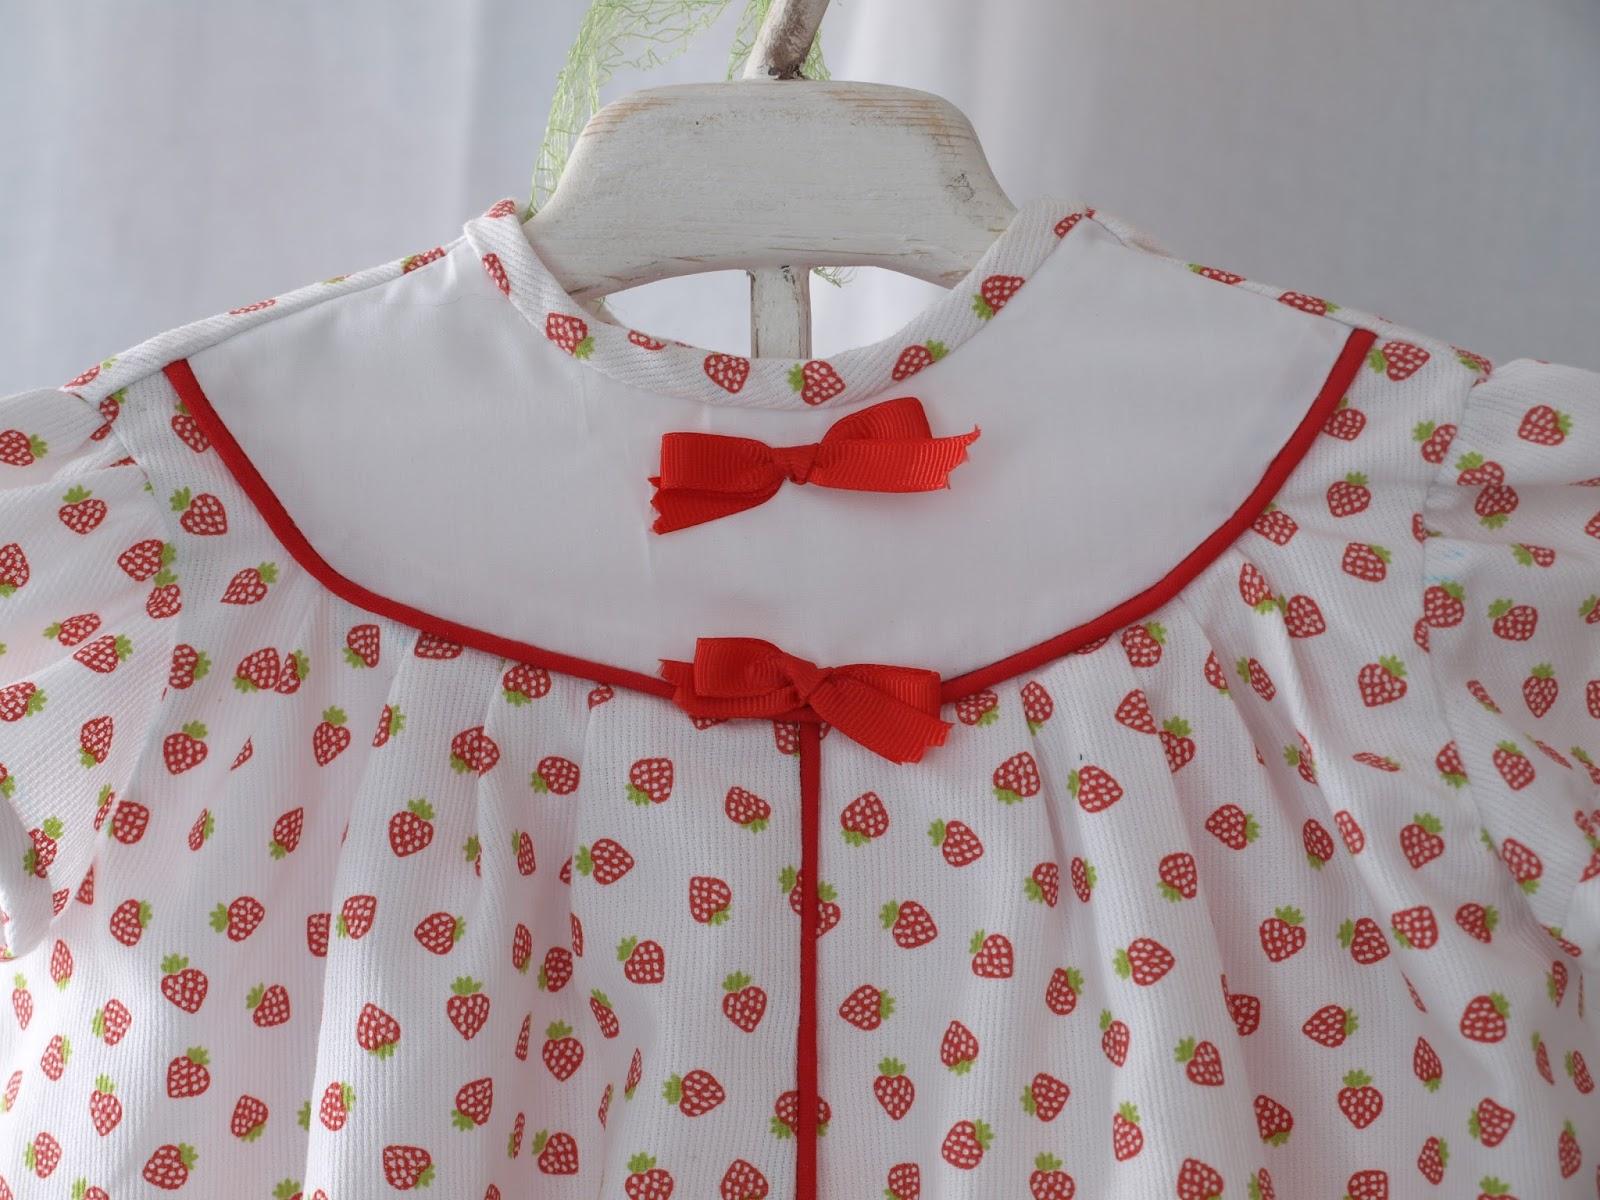 Como De Cuento: ¡¡¡Fresas!!! Vestido Con Canesú Combinado